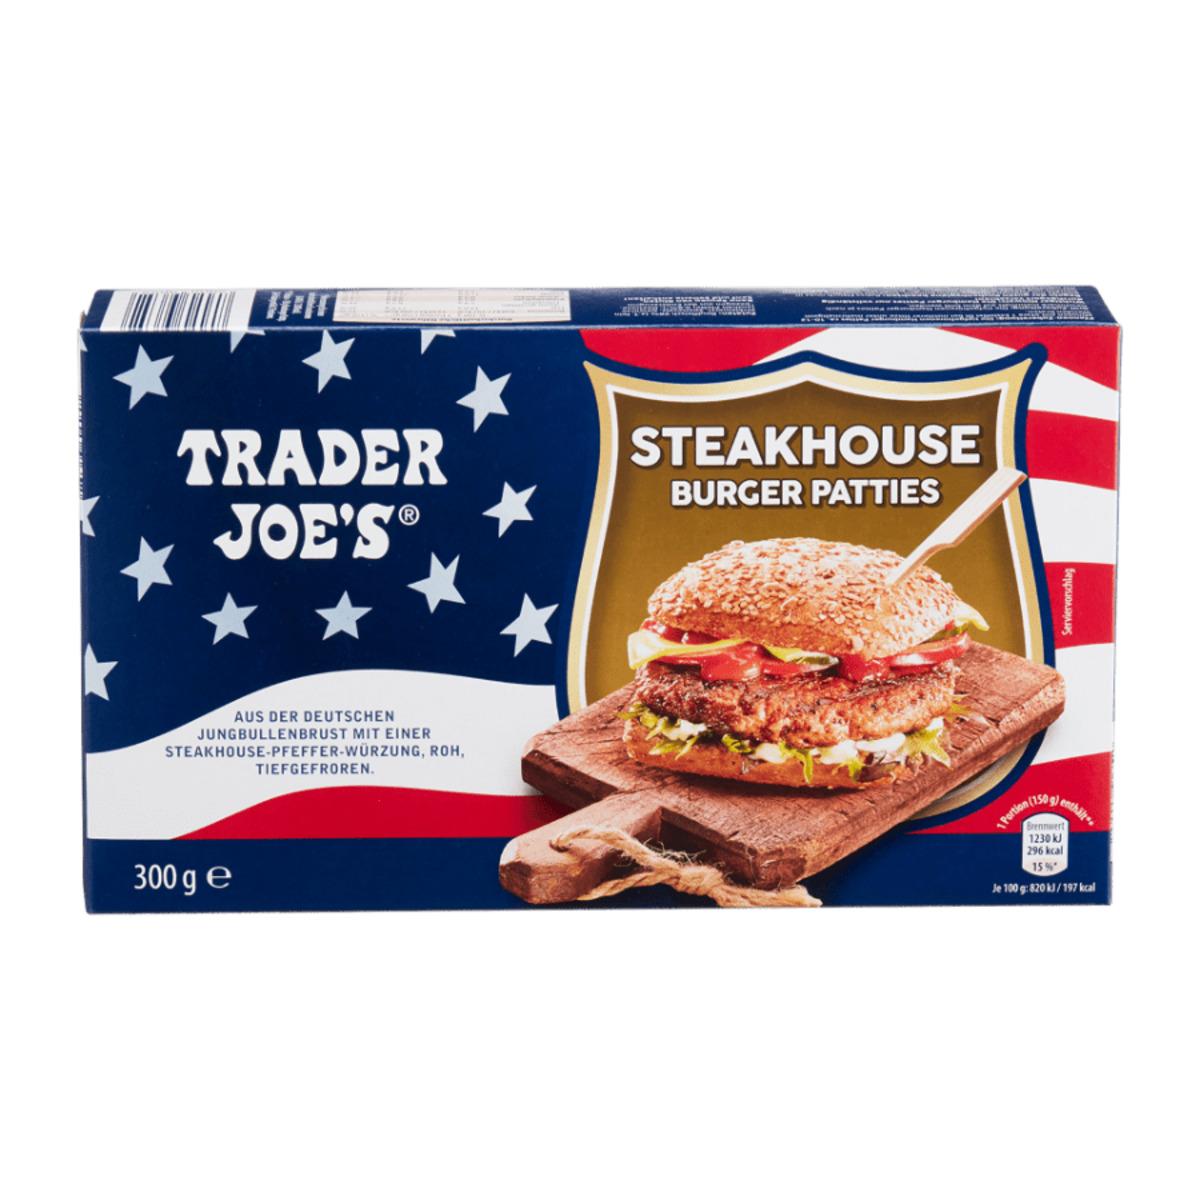 Bild 4 von TRADER JOE'S     Burger Patties